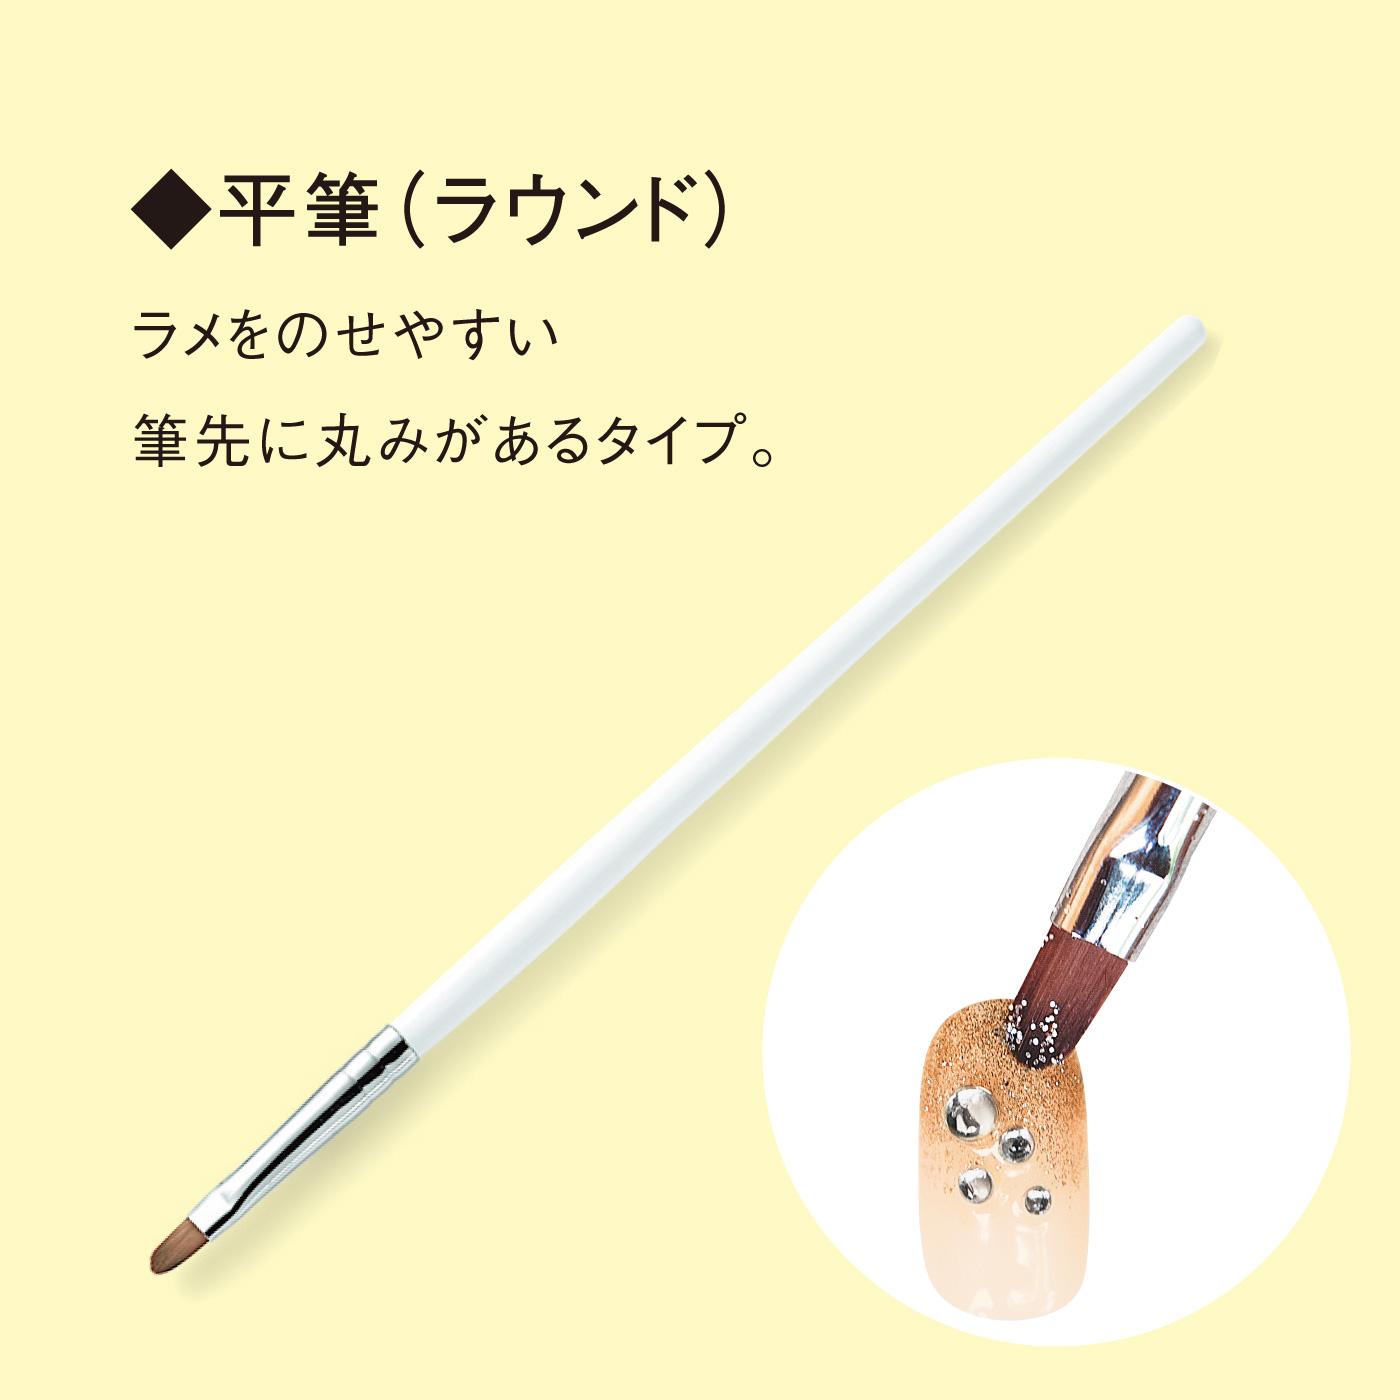 平筆(ラウンド)ラメをのせやすい筆先に丸みがあるタイプ。